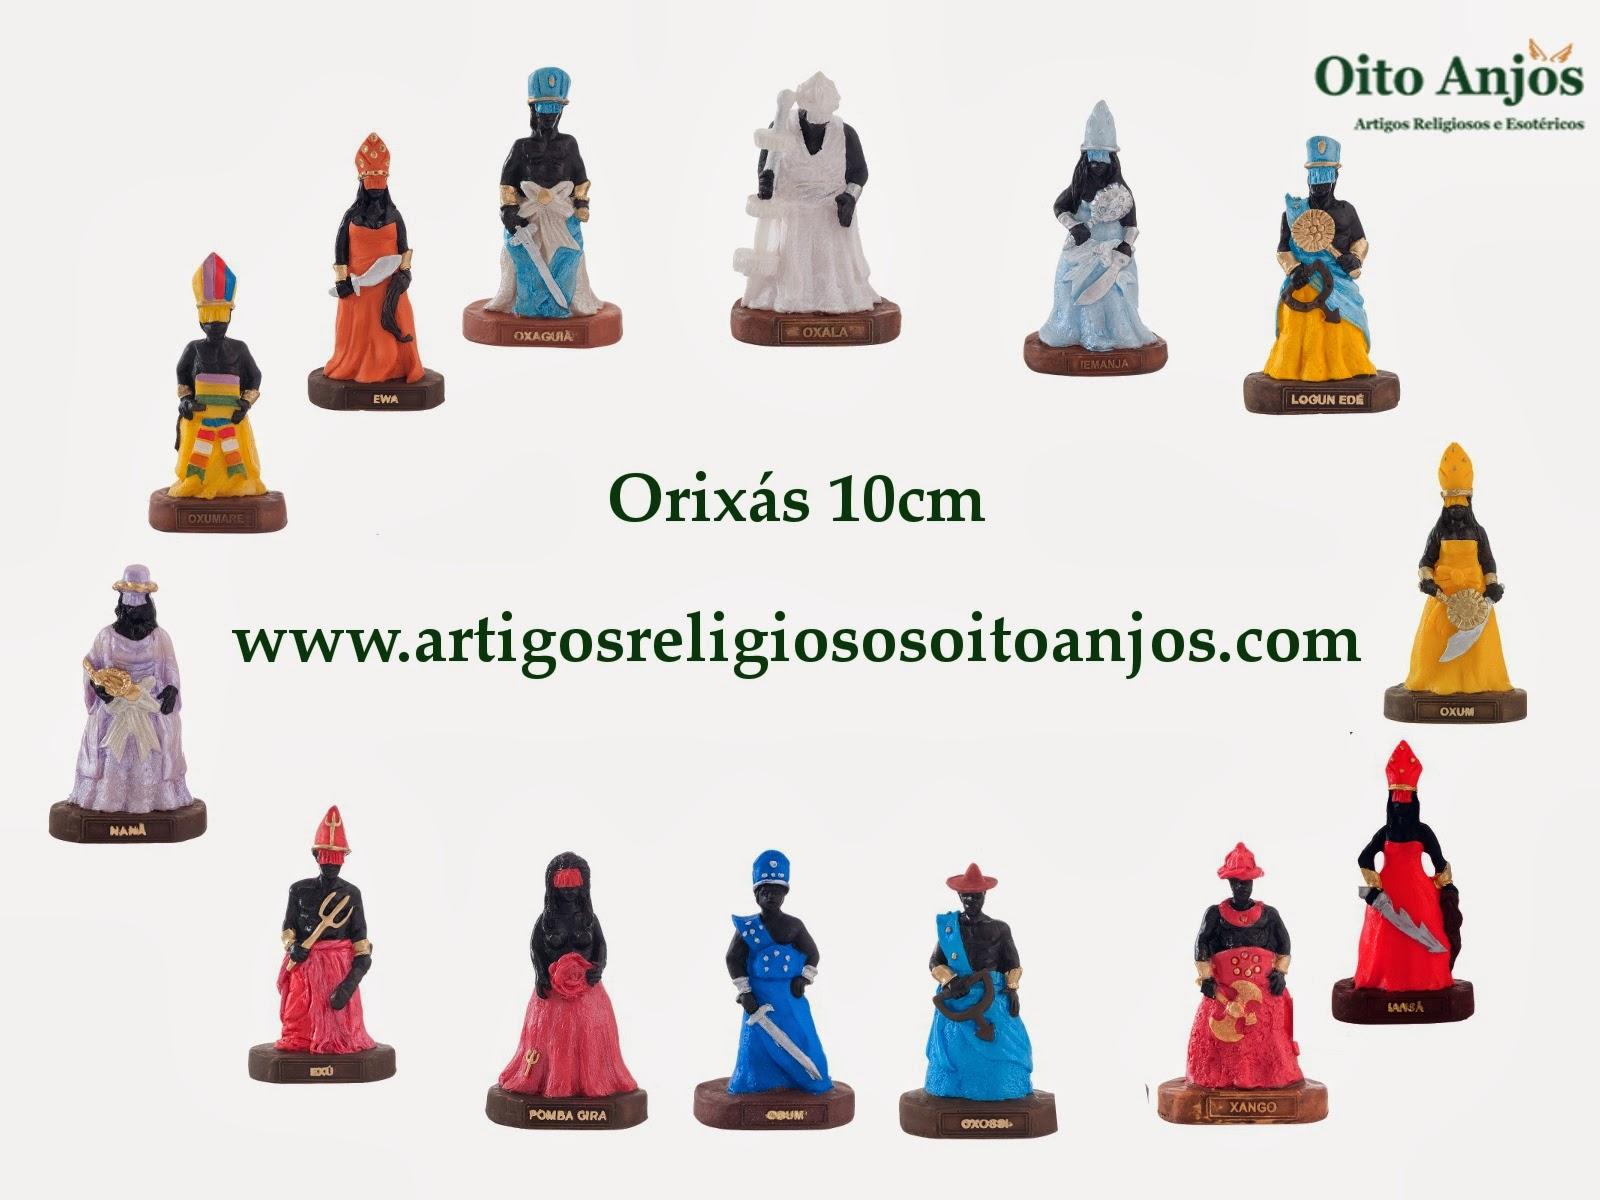 Imagem de Orixás - Orixás 10cm * Oito Anjos Artigos Religiosos e Loja Esotérica